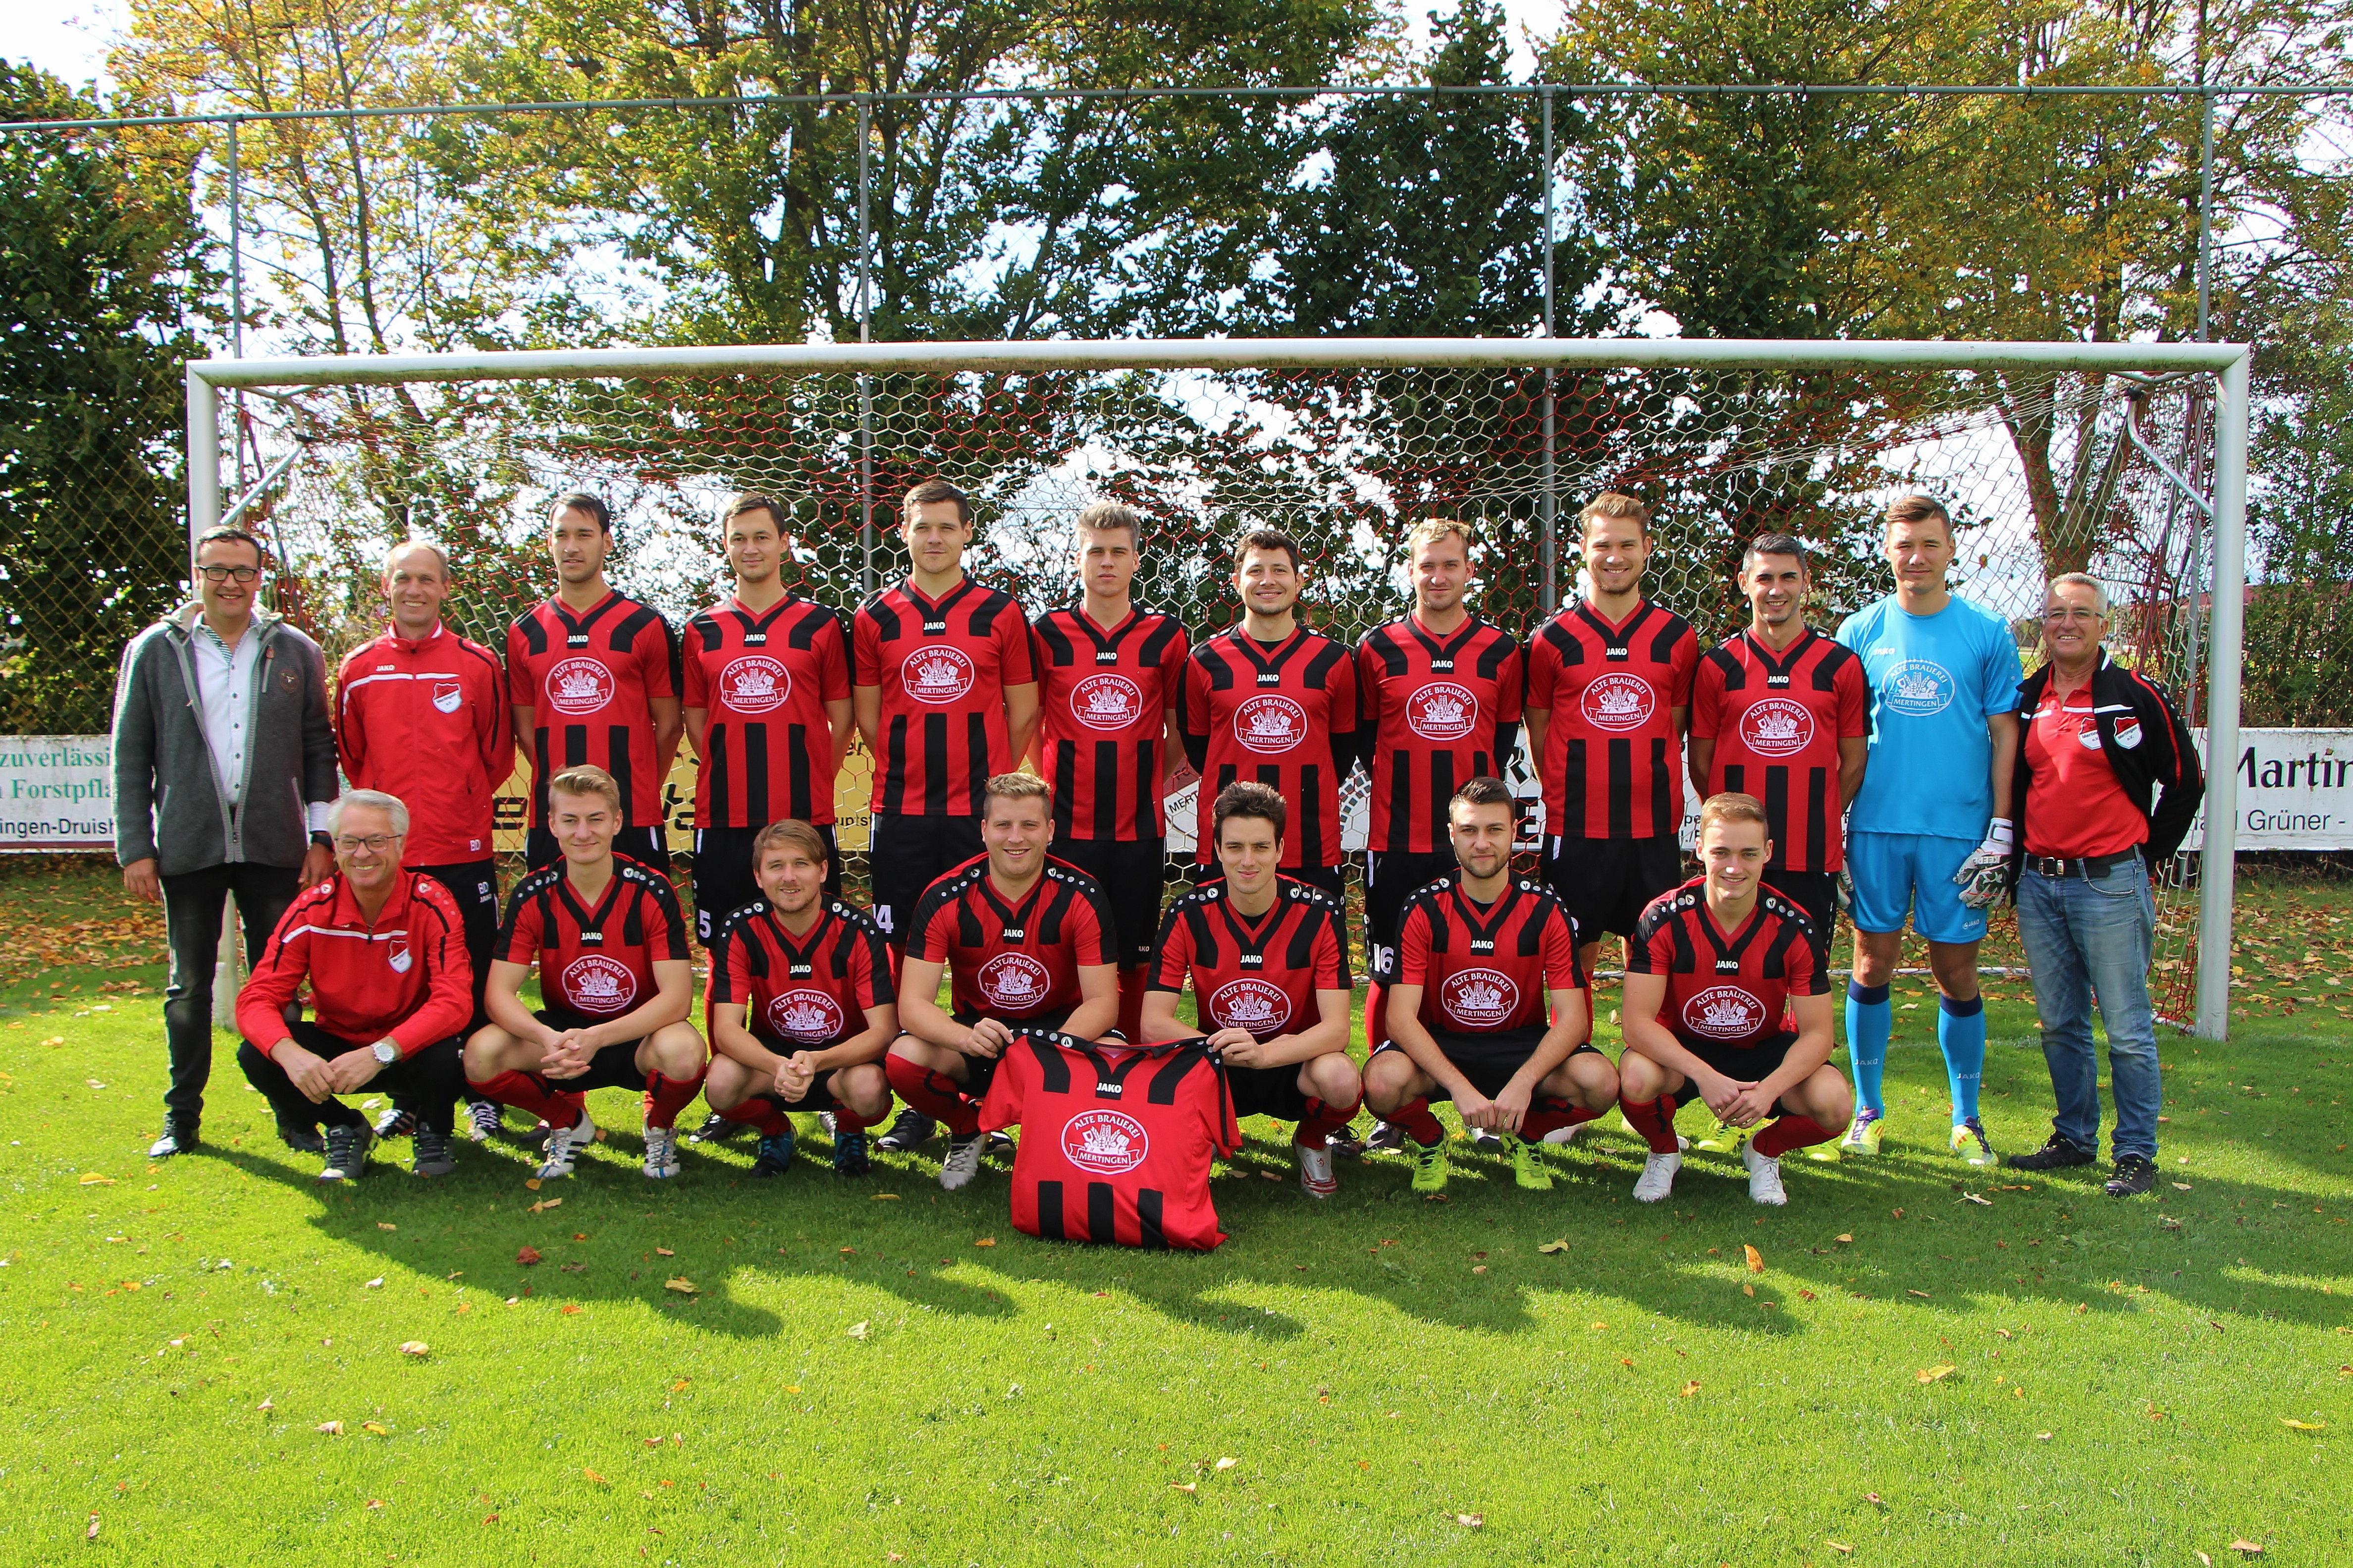 Trikots FC Mertingen